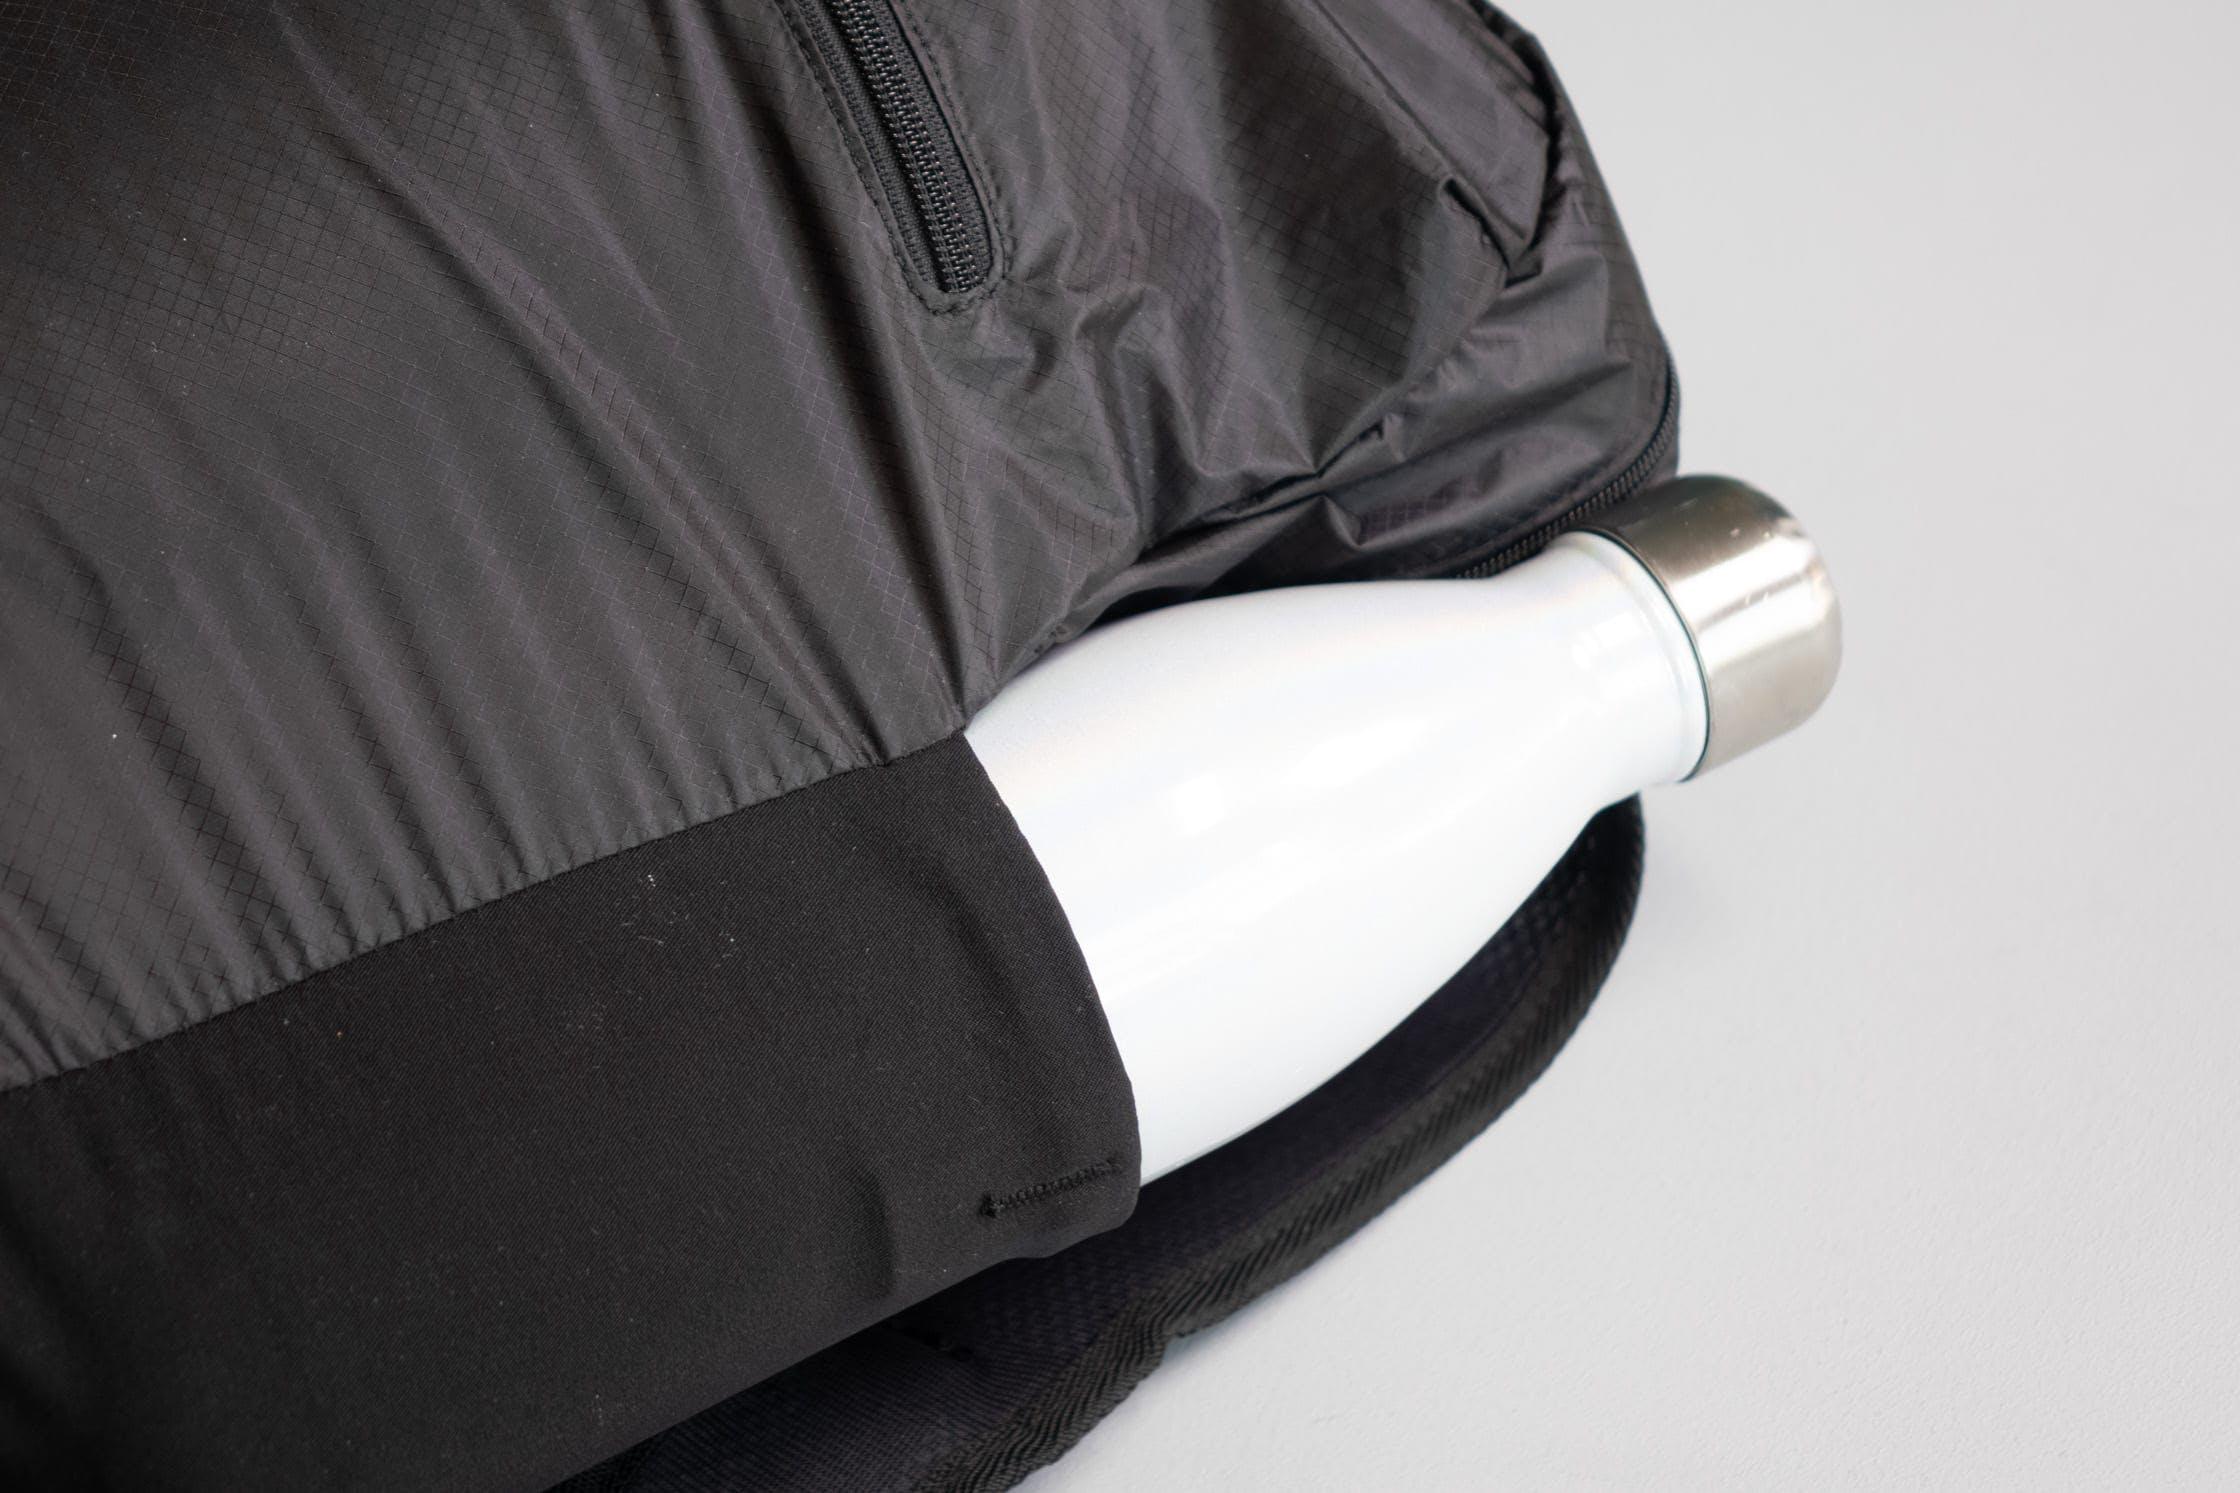 Tortuga Setout Packable Daypack Bottle Holder